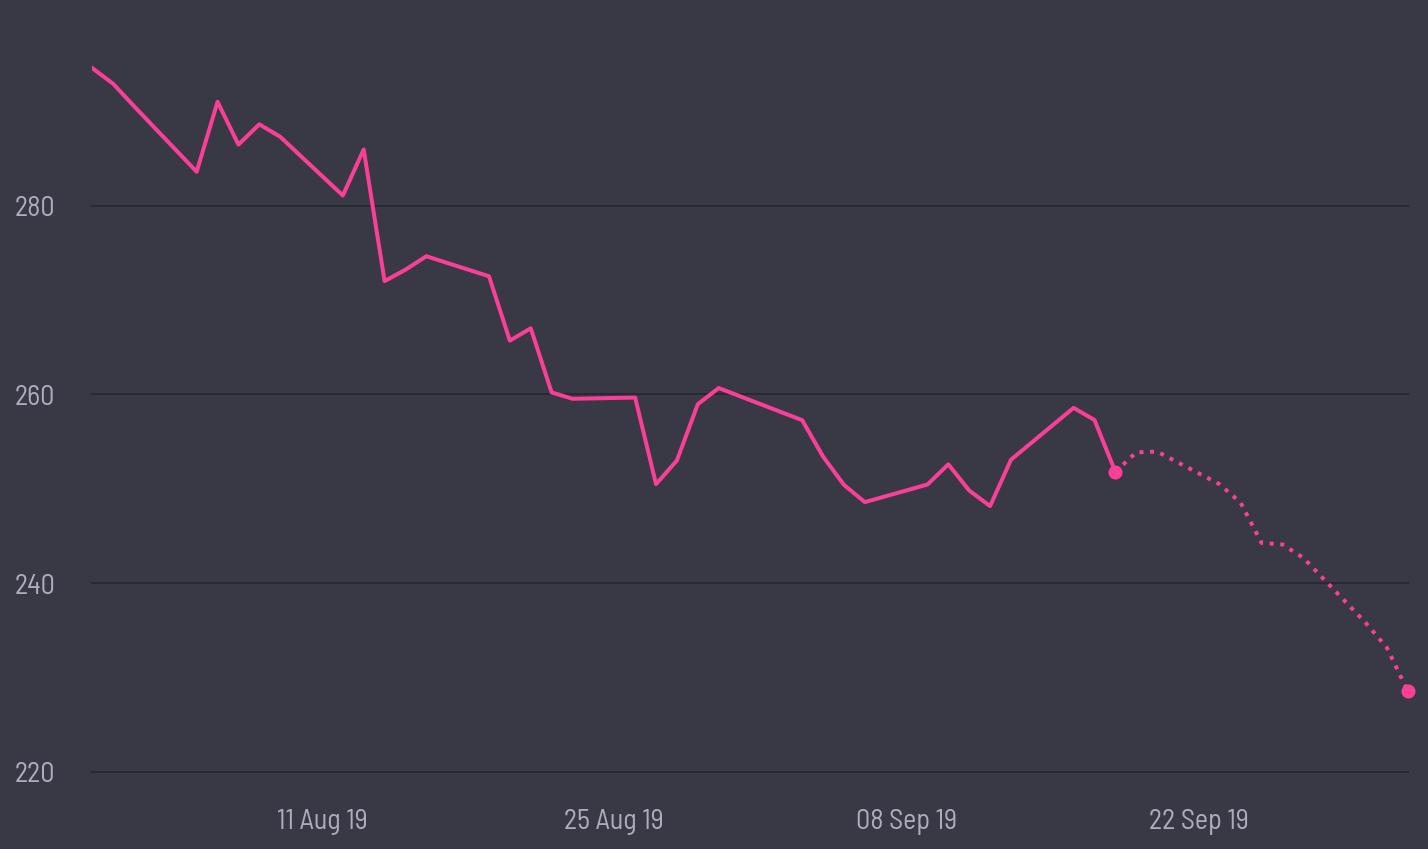 share price prediction